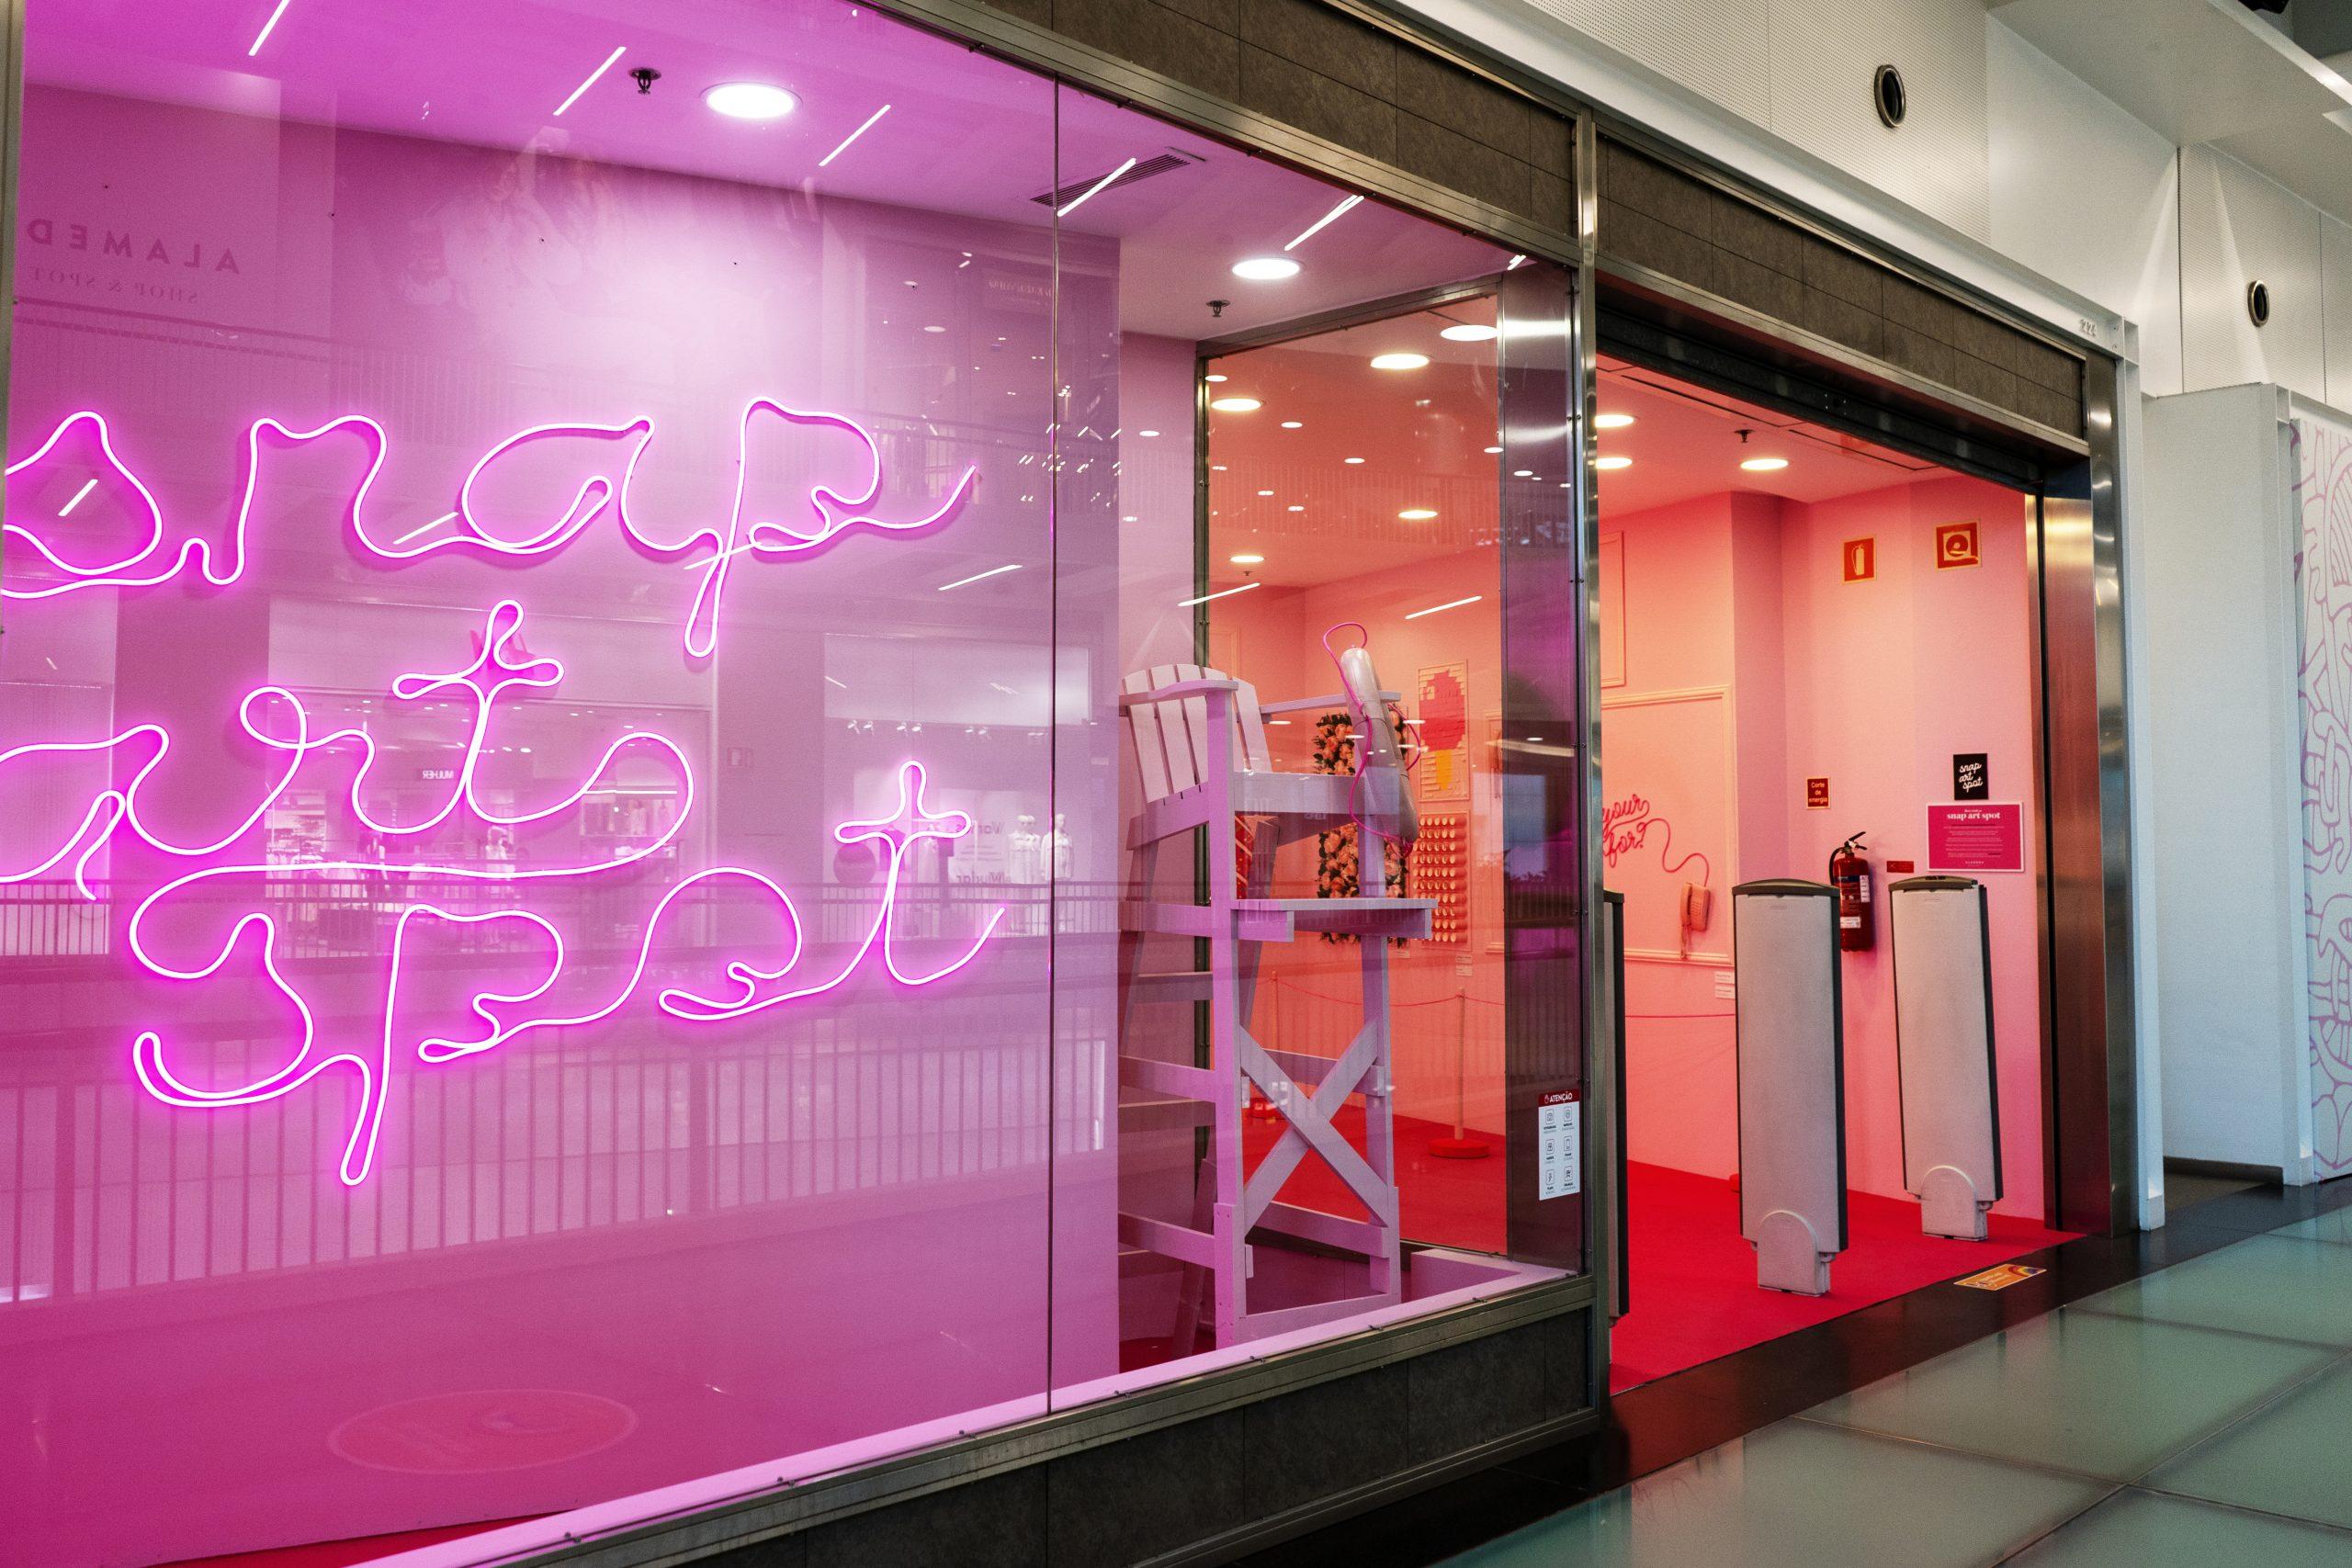 entrada do snap art spot no Alameda shopping